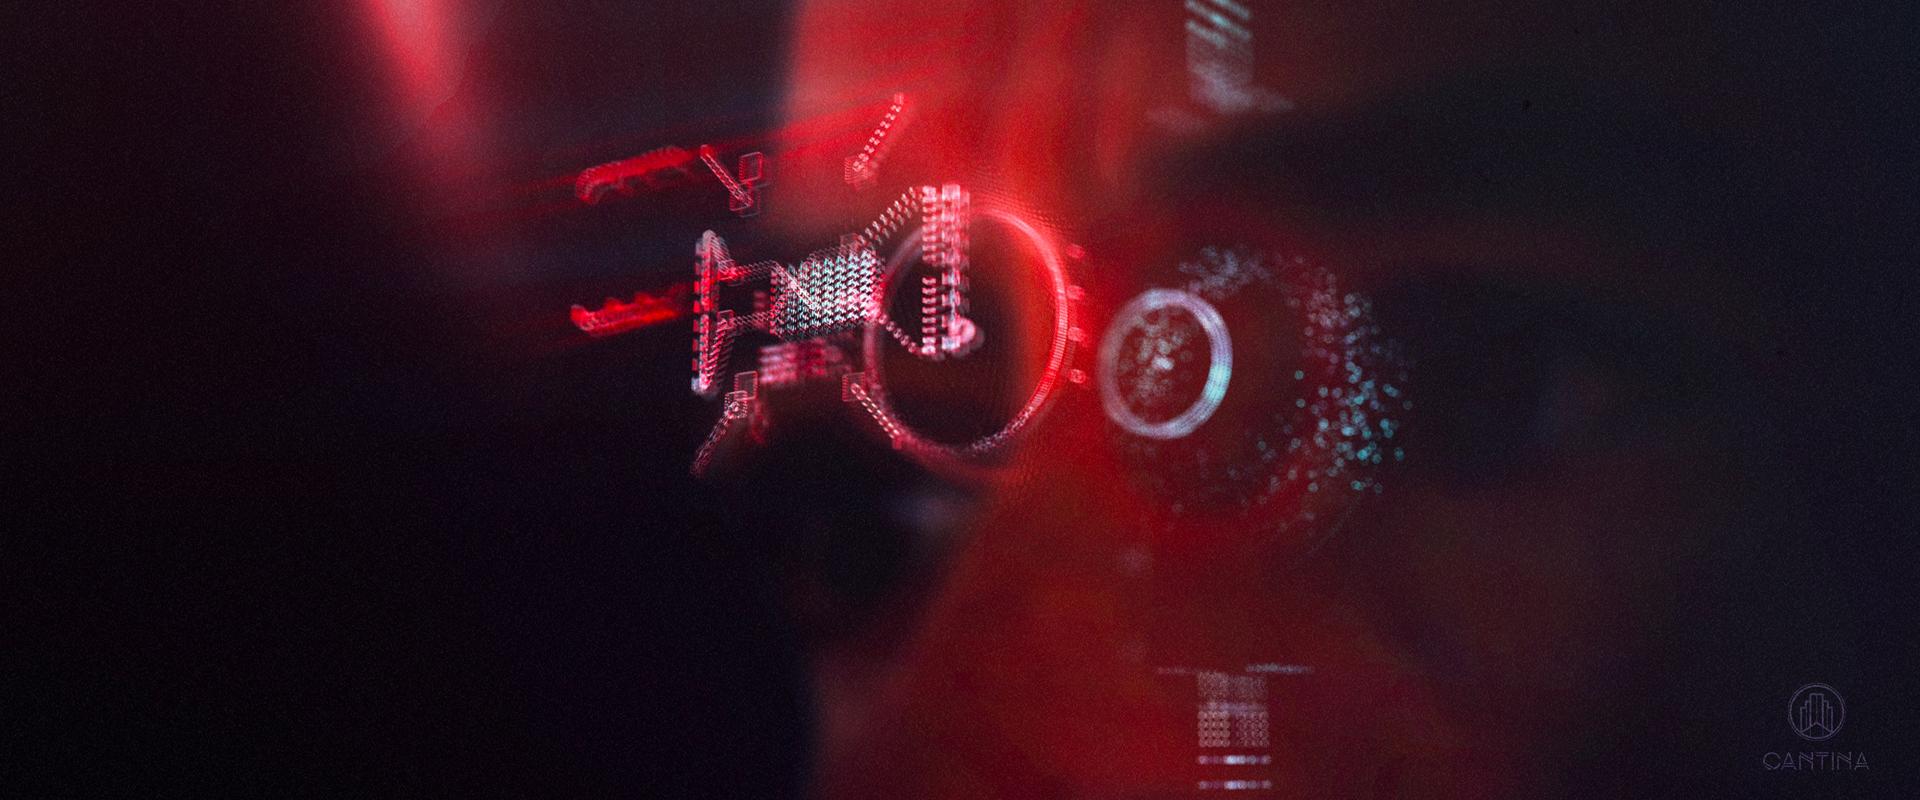 Endgame_MK50_targeter_001_web.jpg